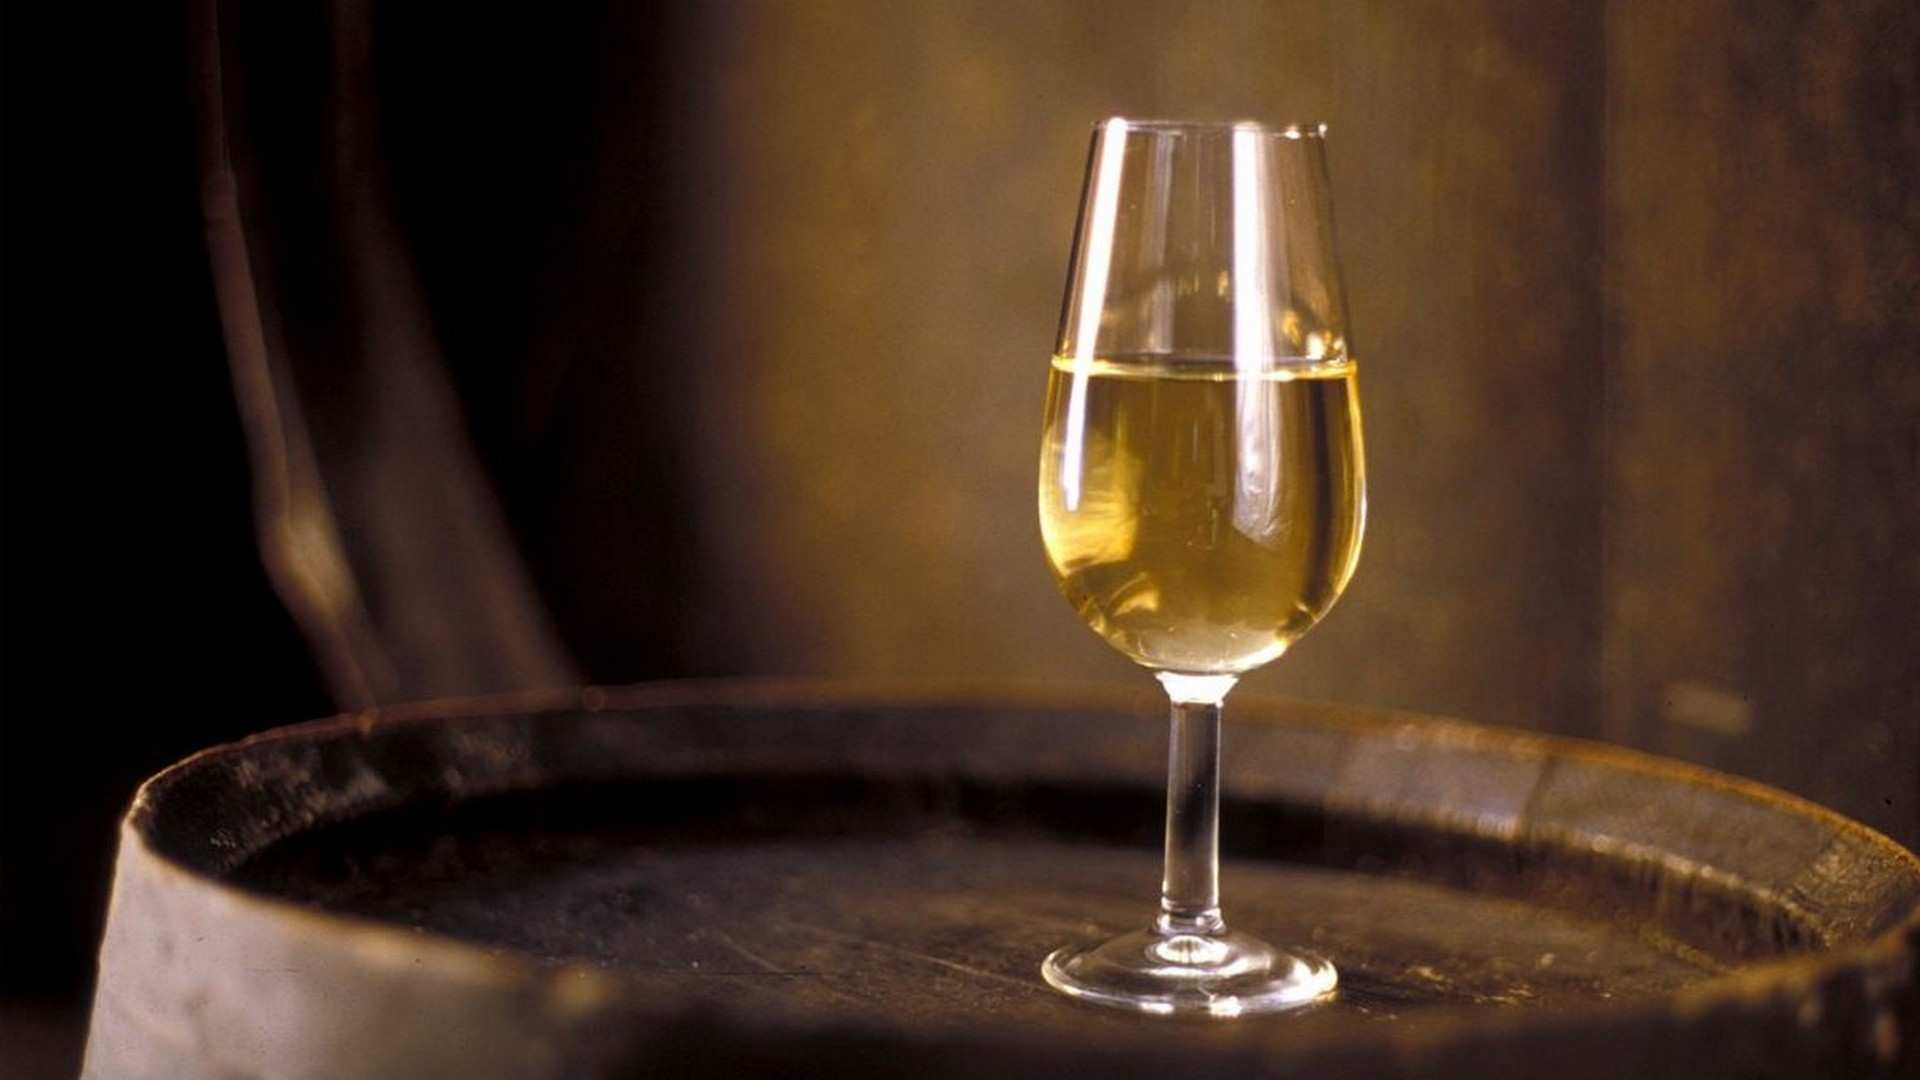 Vinos de Jerez para comer: marida tus mejores recetas con estos vinos únicos y elegantes